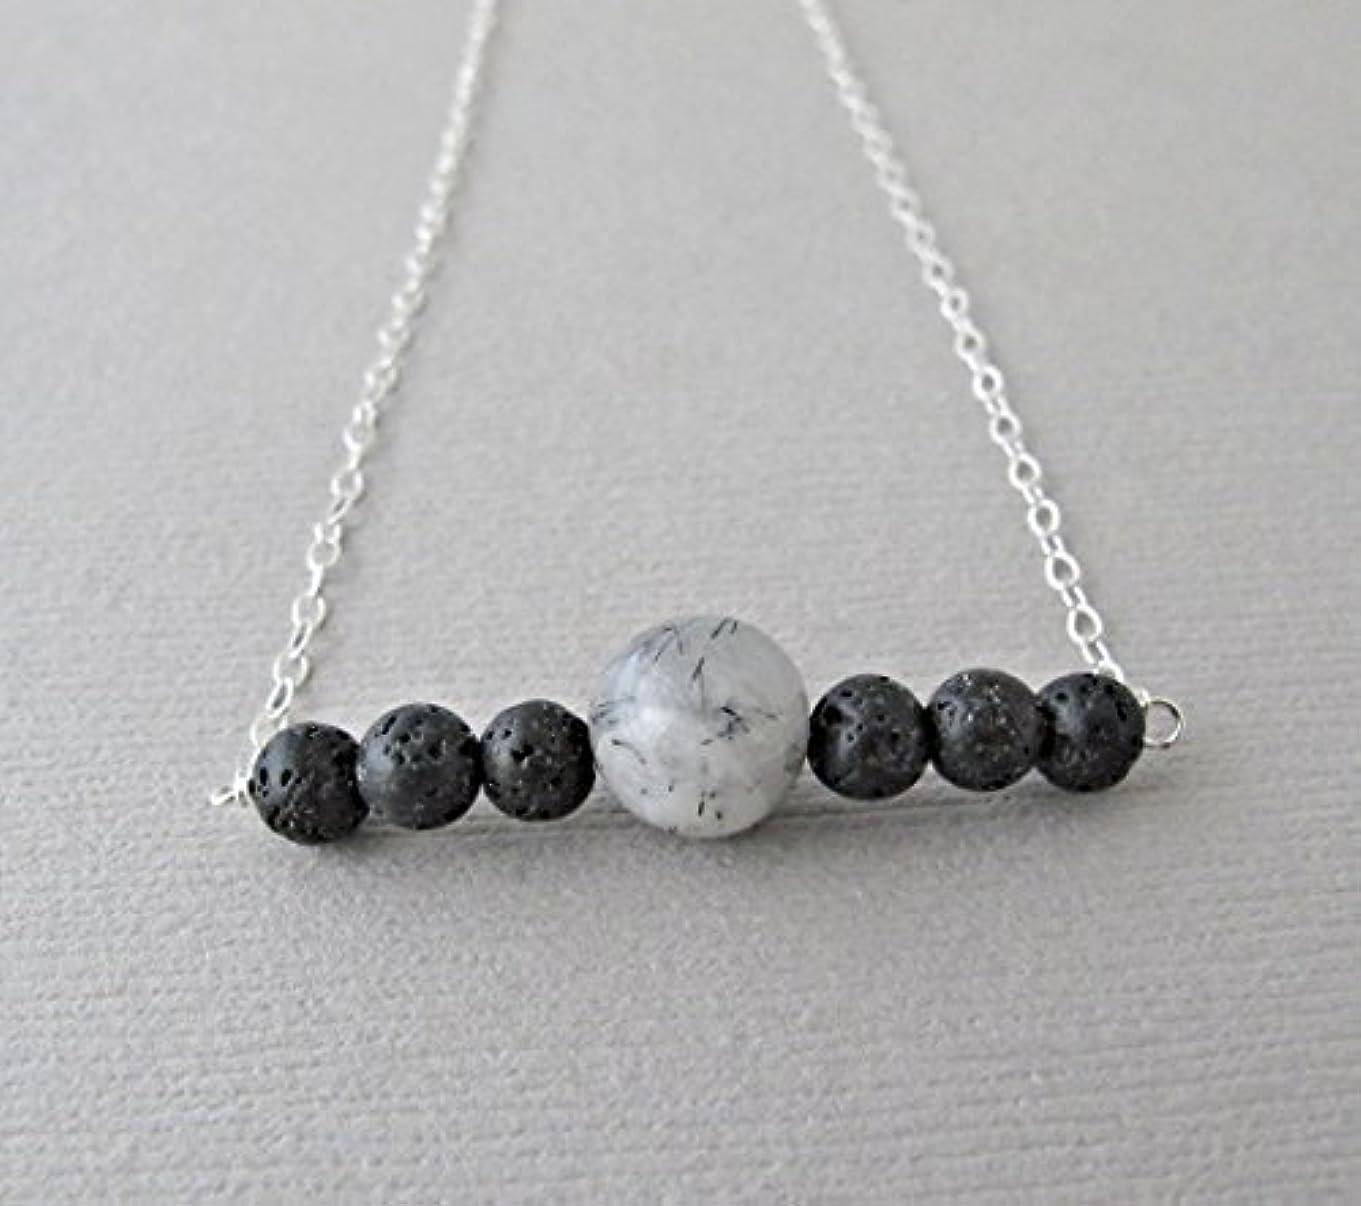 インデックスチップ美人Tourmalinated quartz Lava Pendant Essential Oil Necklace Diffuser Aromatherapy - Simple Minimalist Lava Bead Diffuser...